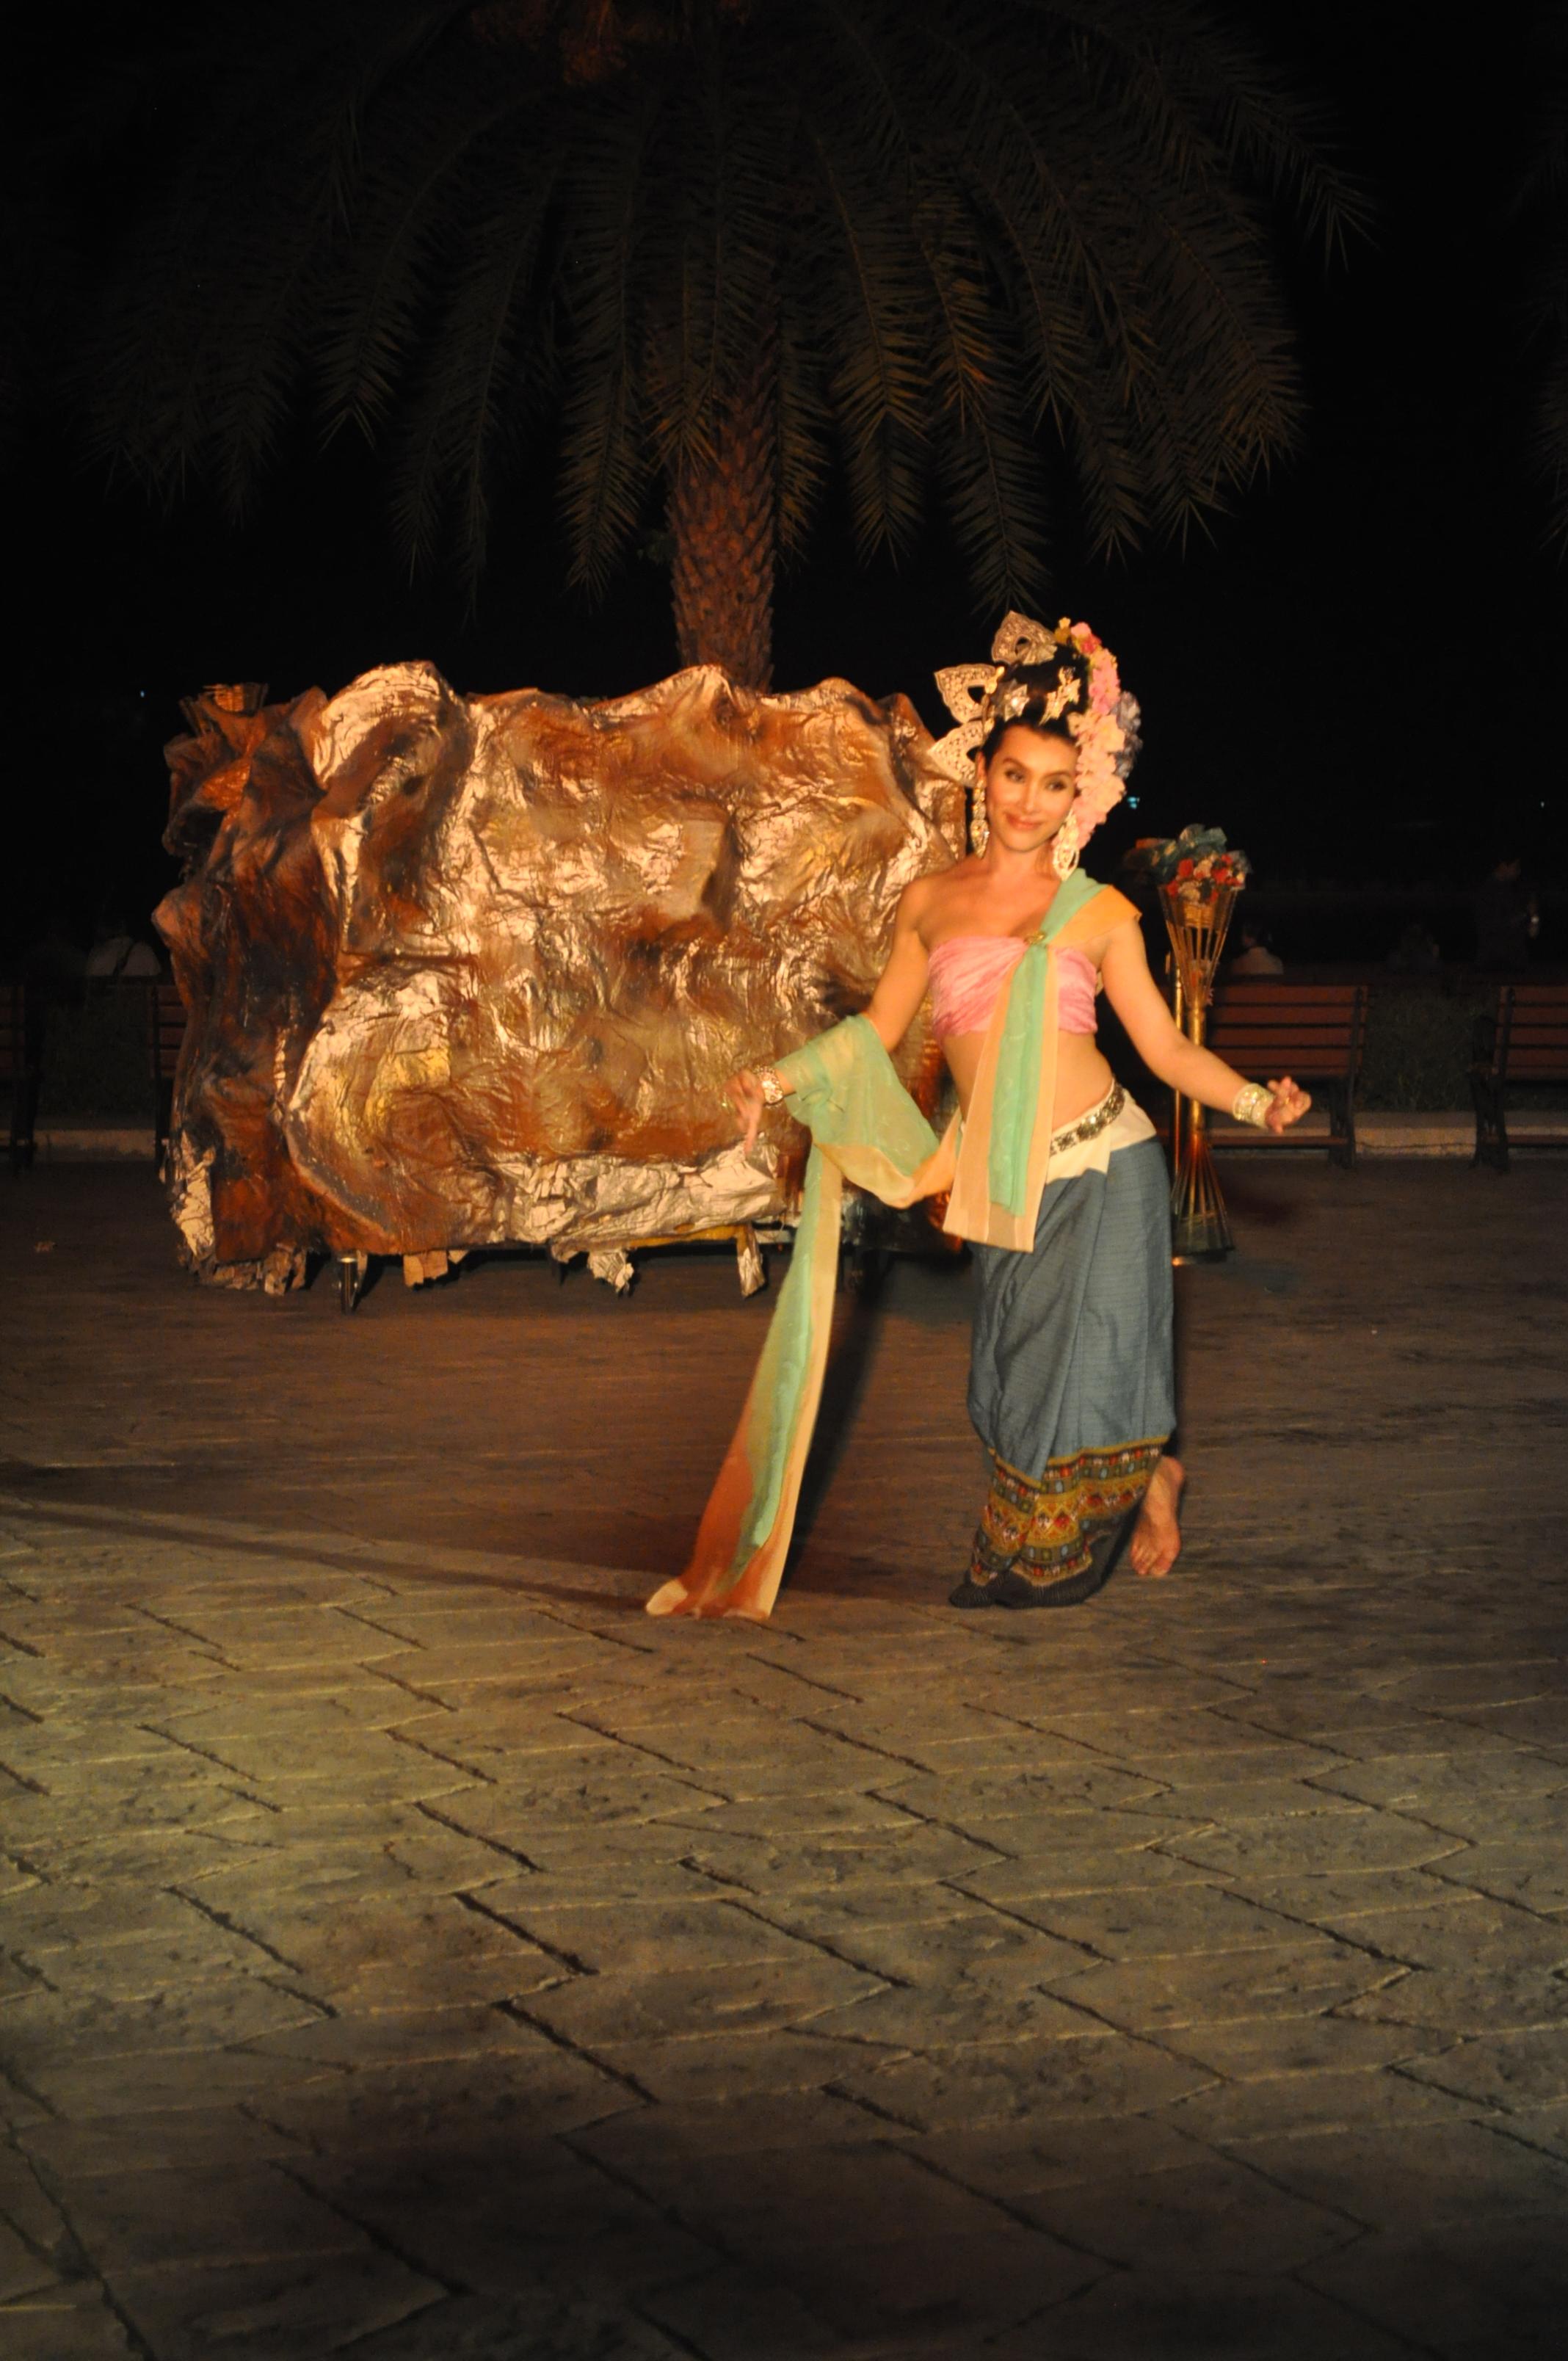 清迈夜间动物园 由于拍摄动物的时候不能用闪光灯